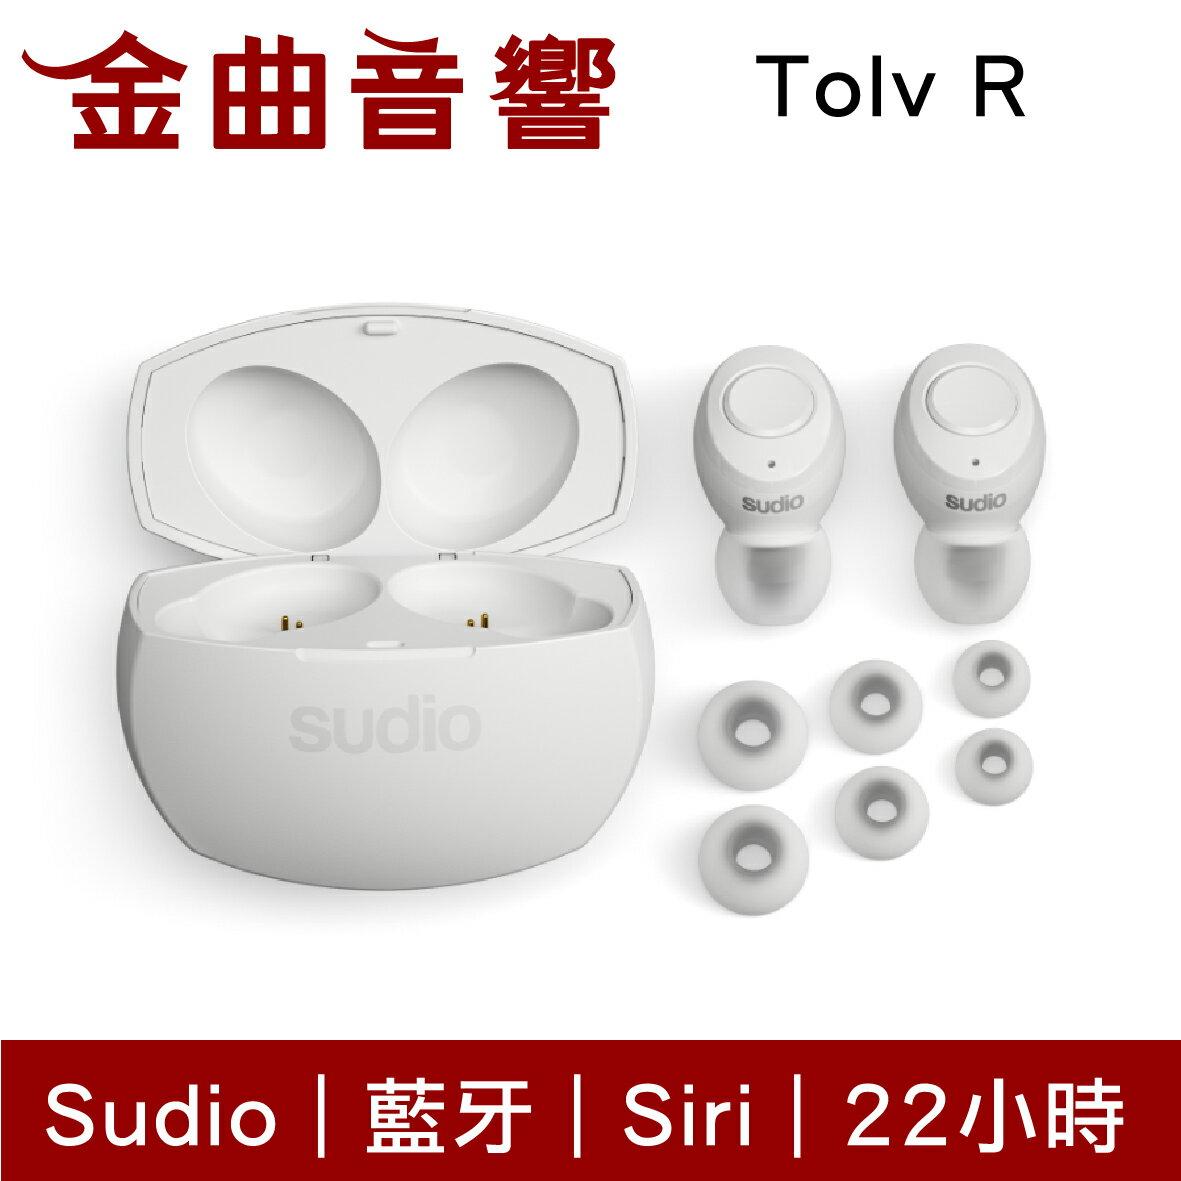 Sudio Tolv R 白色 真無線藍牙耳機 可通話 輕巧 語音助理 TolvR | 金曲音響